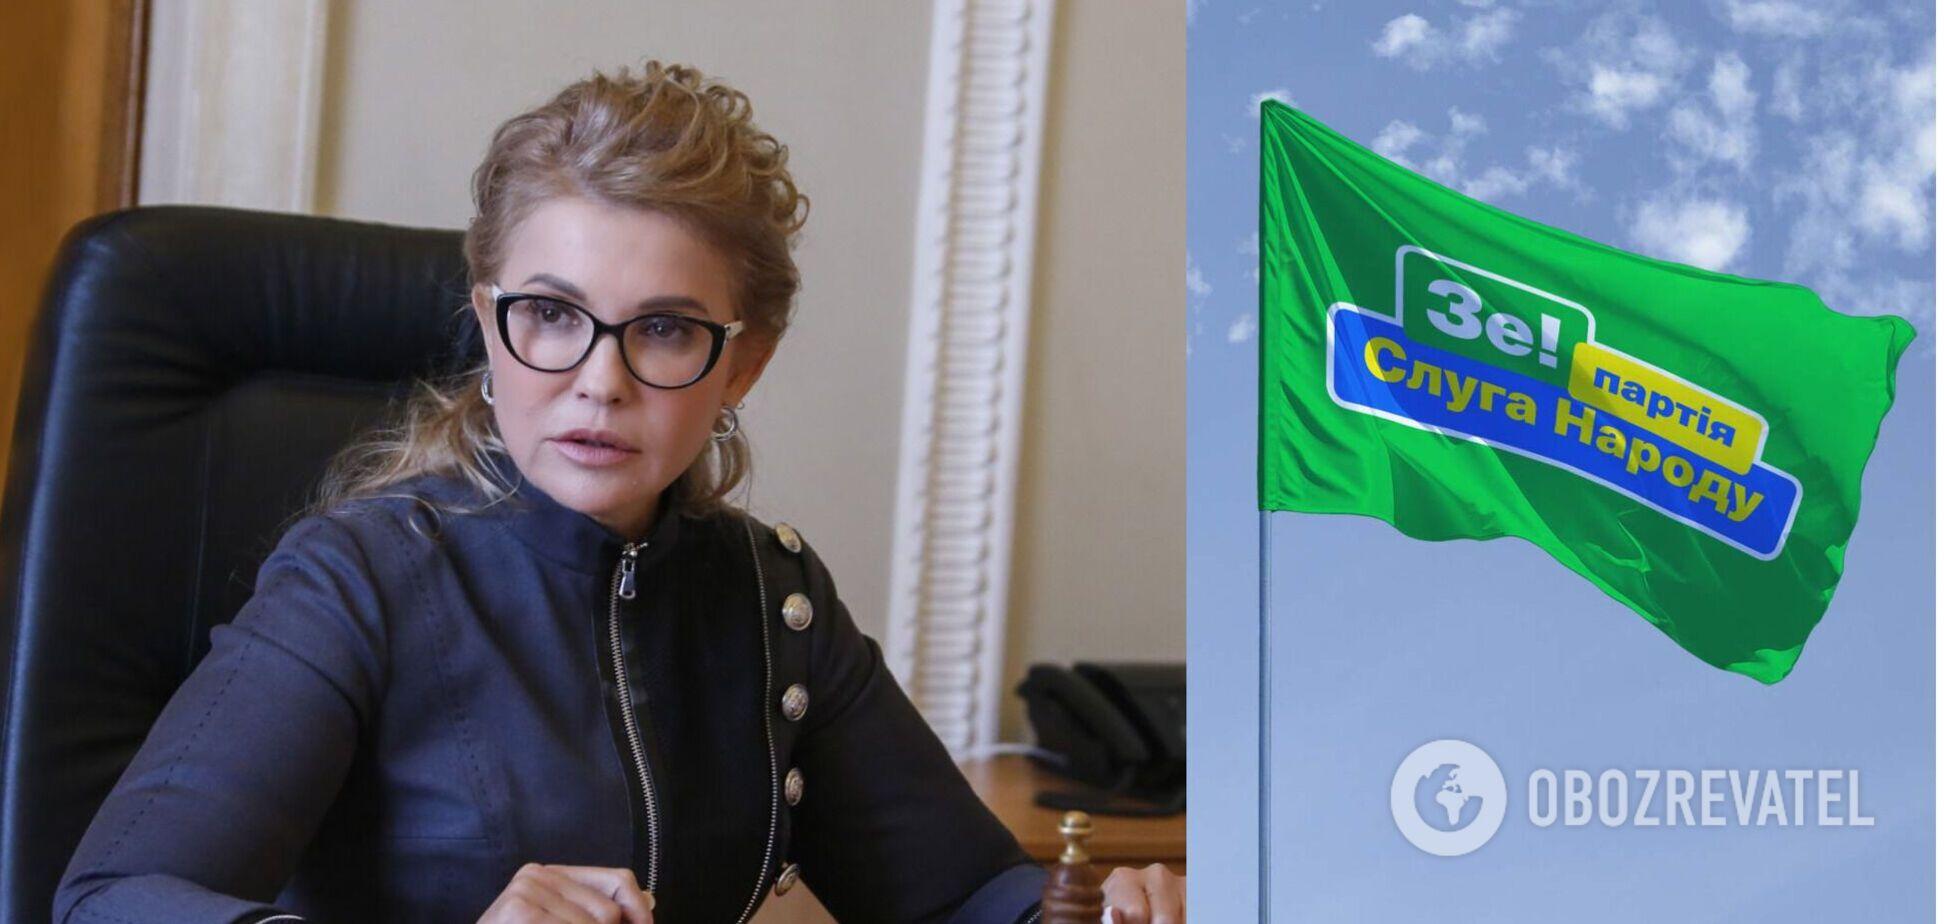 Тимошенко назвала три условия для создания коалиции со 'Слугой народа'